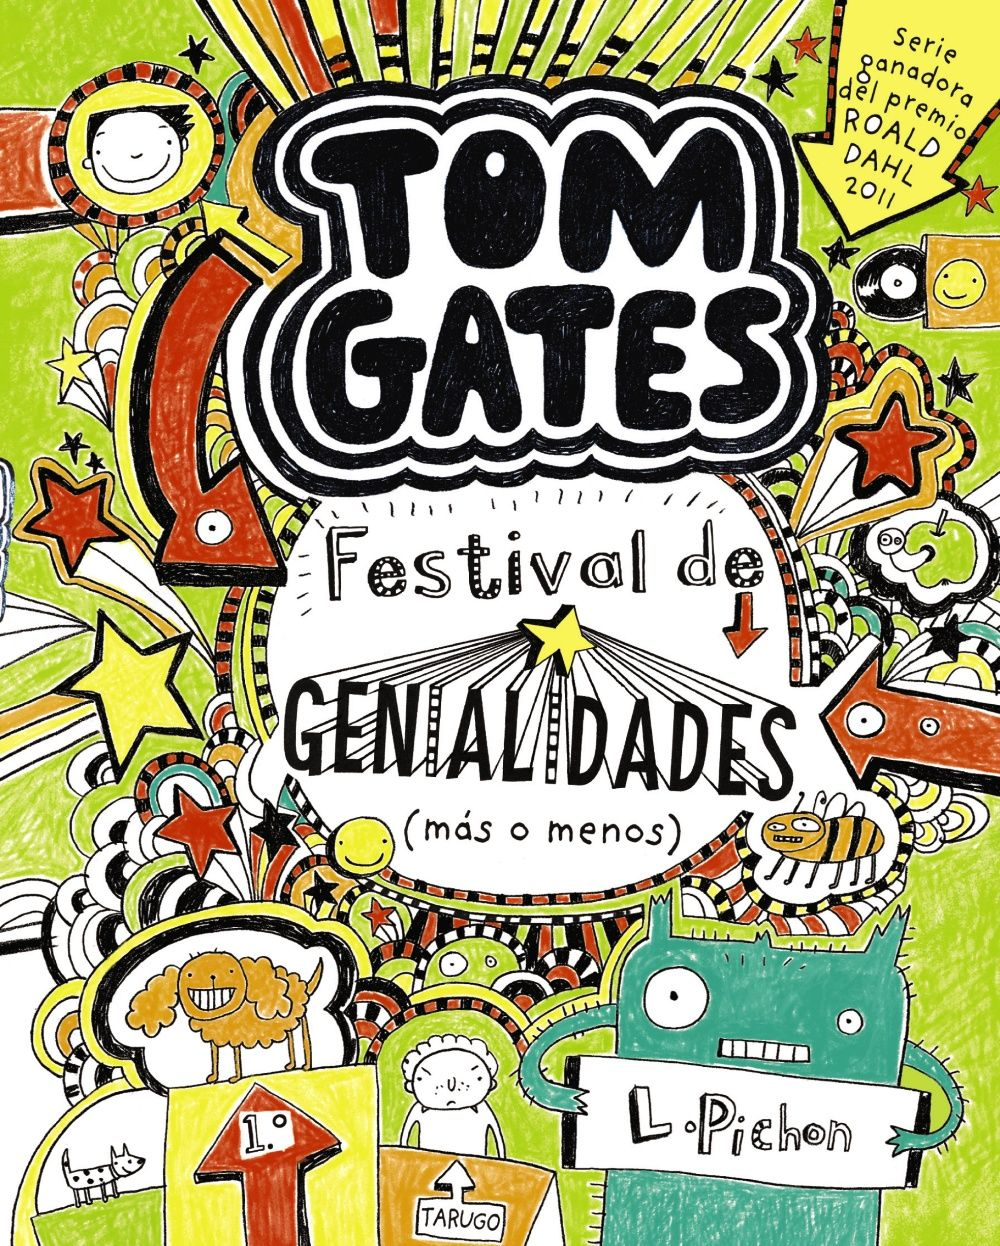 """La serie"""" TOM GATES"""" ha sido galardonada con el premio Roald Dahl 2011 al libro más divertido y con el Red House Children' s Book Award 2012."""" Me llamo Tom Gates, y tengo BUENAS NOTICIAS:1. Hemos inscrito a Pollo (el perro de mi amigo Derek) en una exhibición canina... y ahora está limpito y huele bien (para variar).2 . Mi hermana Delia no soporta... http://es.wikipedia.org/wiki/Liz_Pichon http://rabel.jcyl.es/cgi-bin/abnetopac?SUBC=BPSO&ACC=DOSEARCH&xsqf99=1757251"""